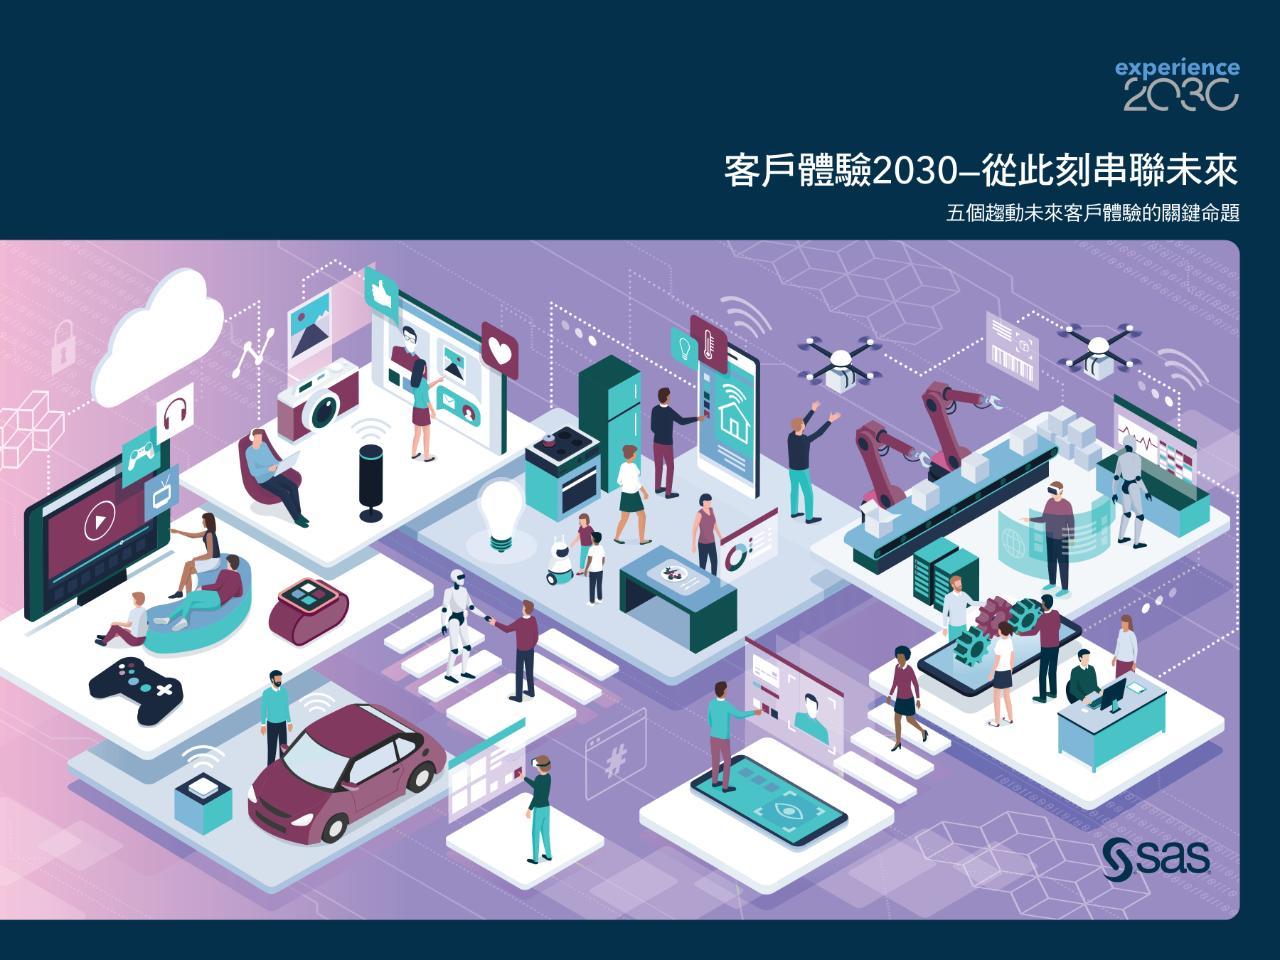 客戶體驗2030-從此刻串聯未來